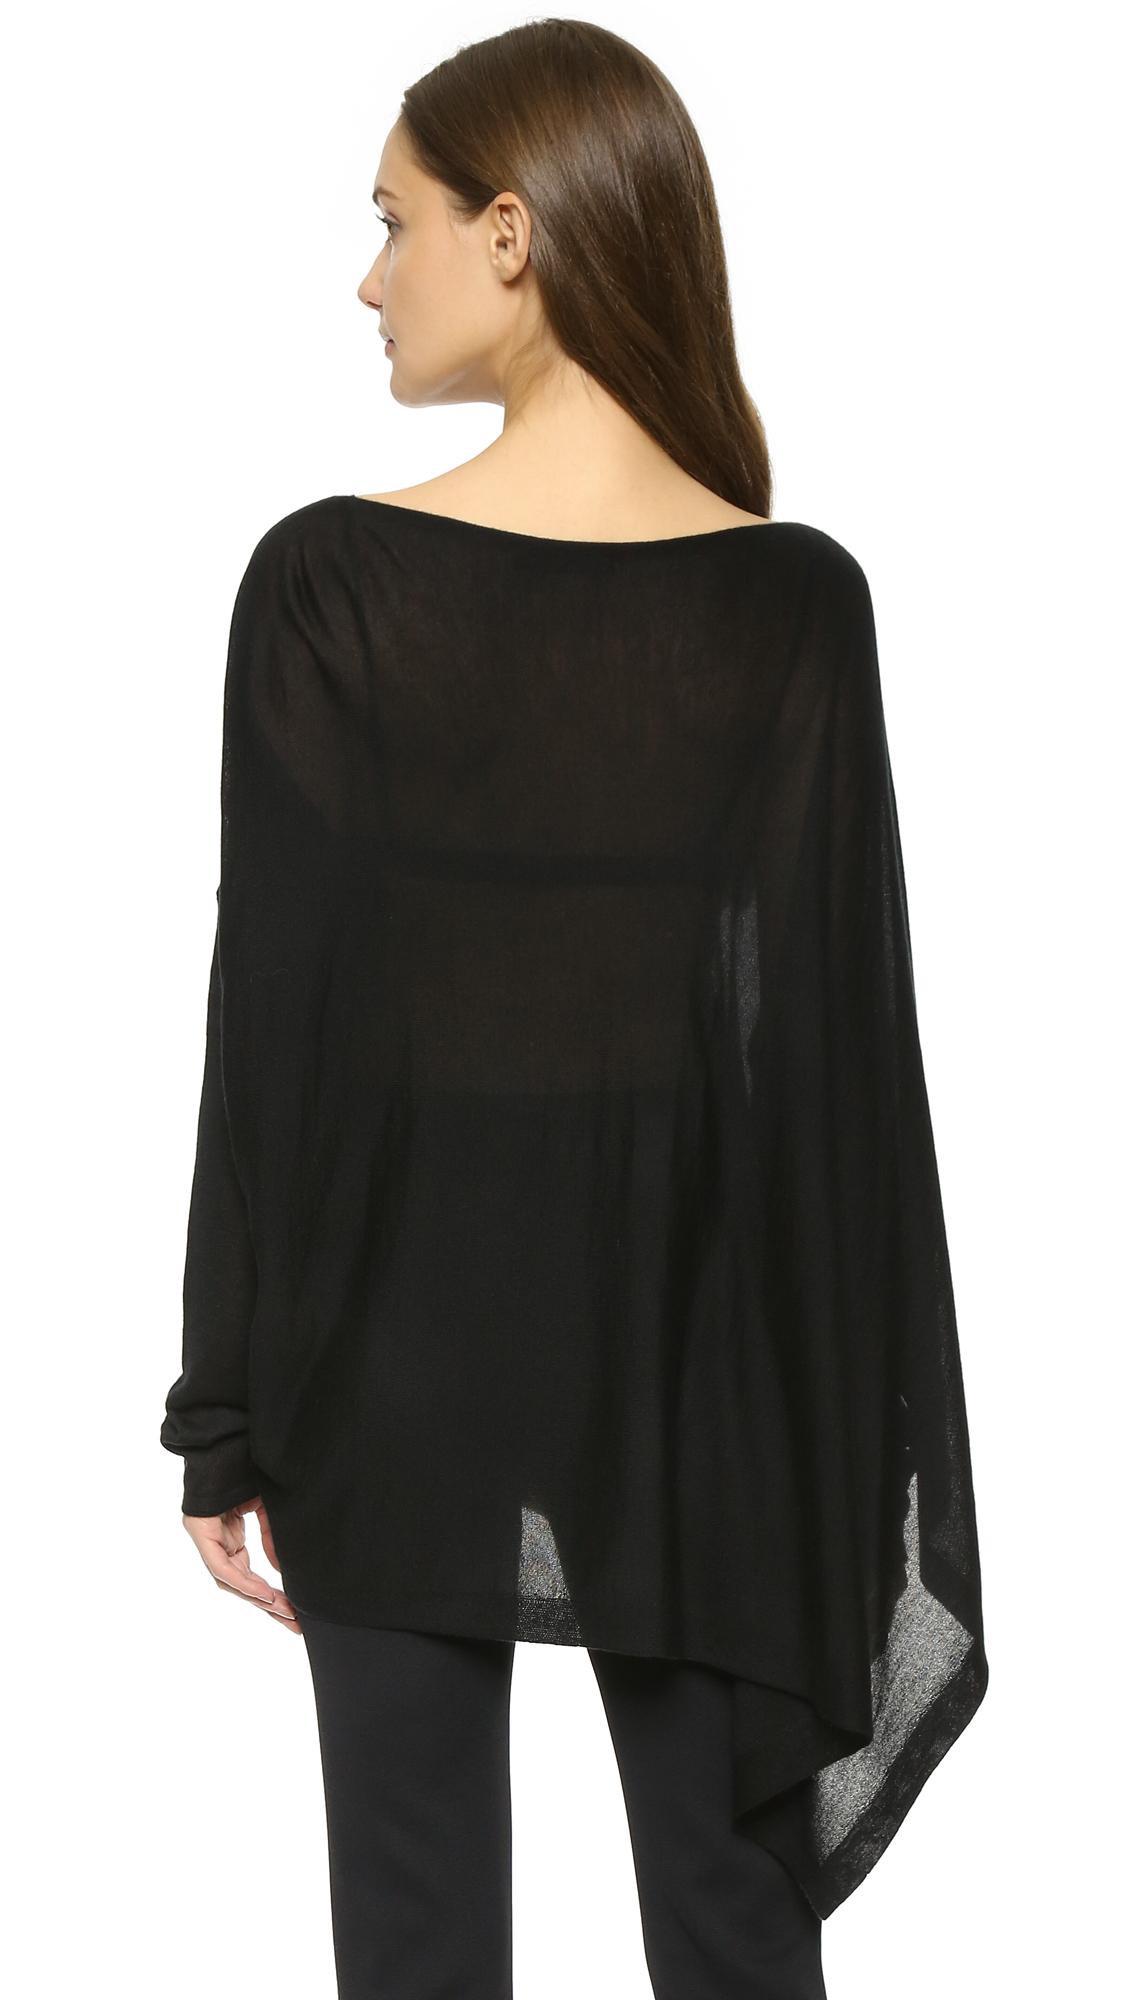 lyst donna karan cashmere poncho top black in black. Black Bedroom Furniture Sets. Home Design Ideas